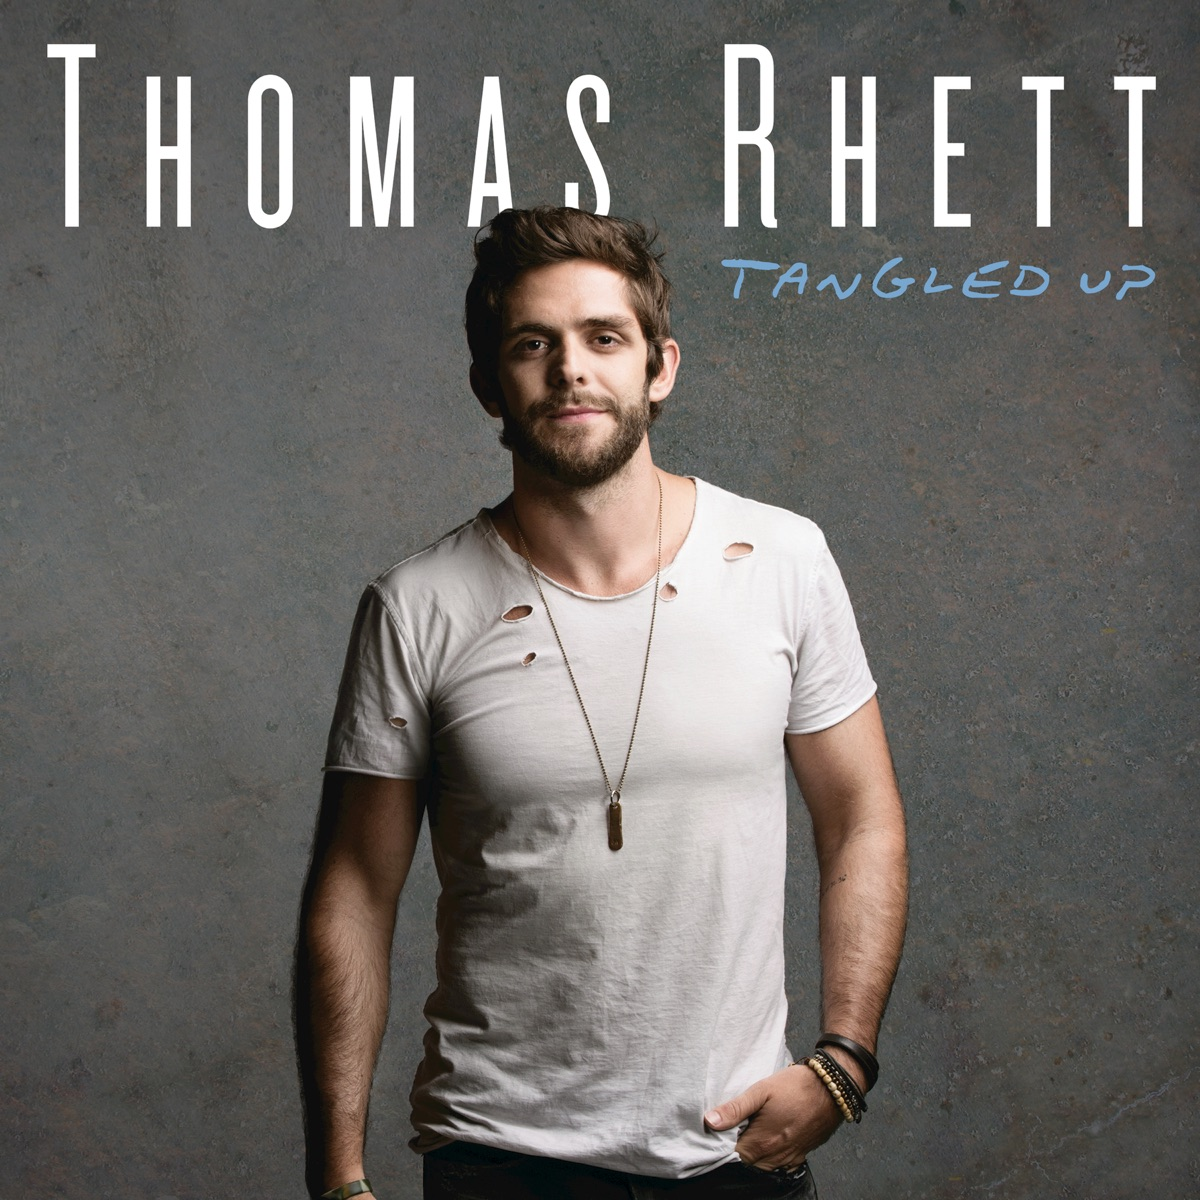 Tangled Up Thomas Rhett CD cover